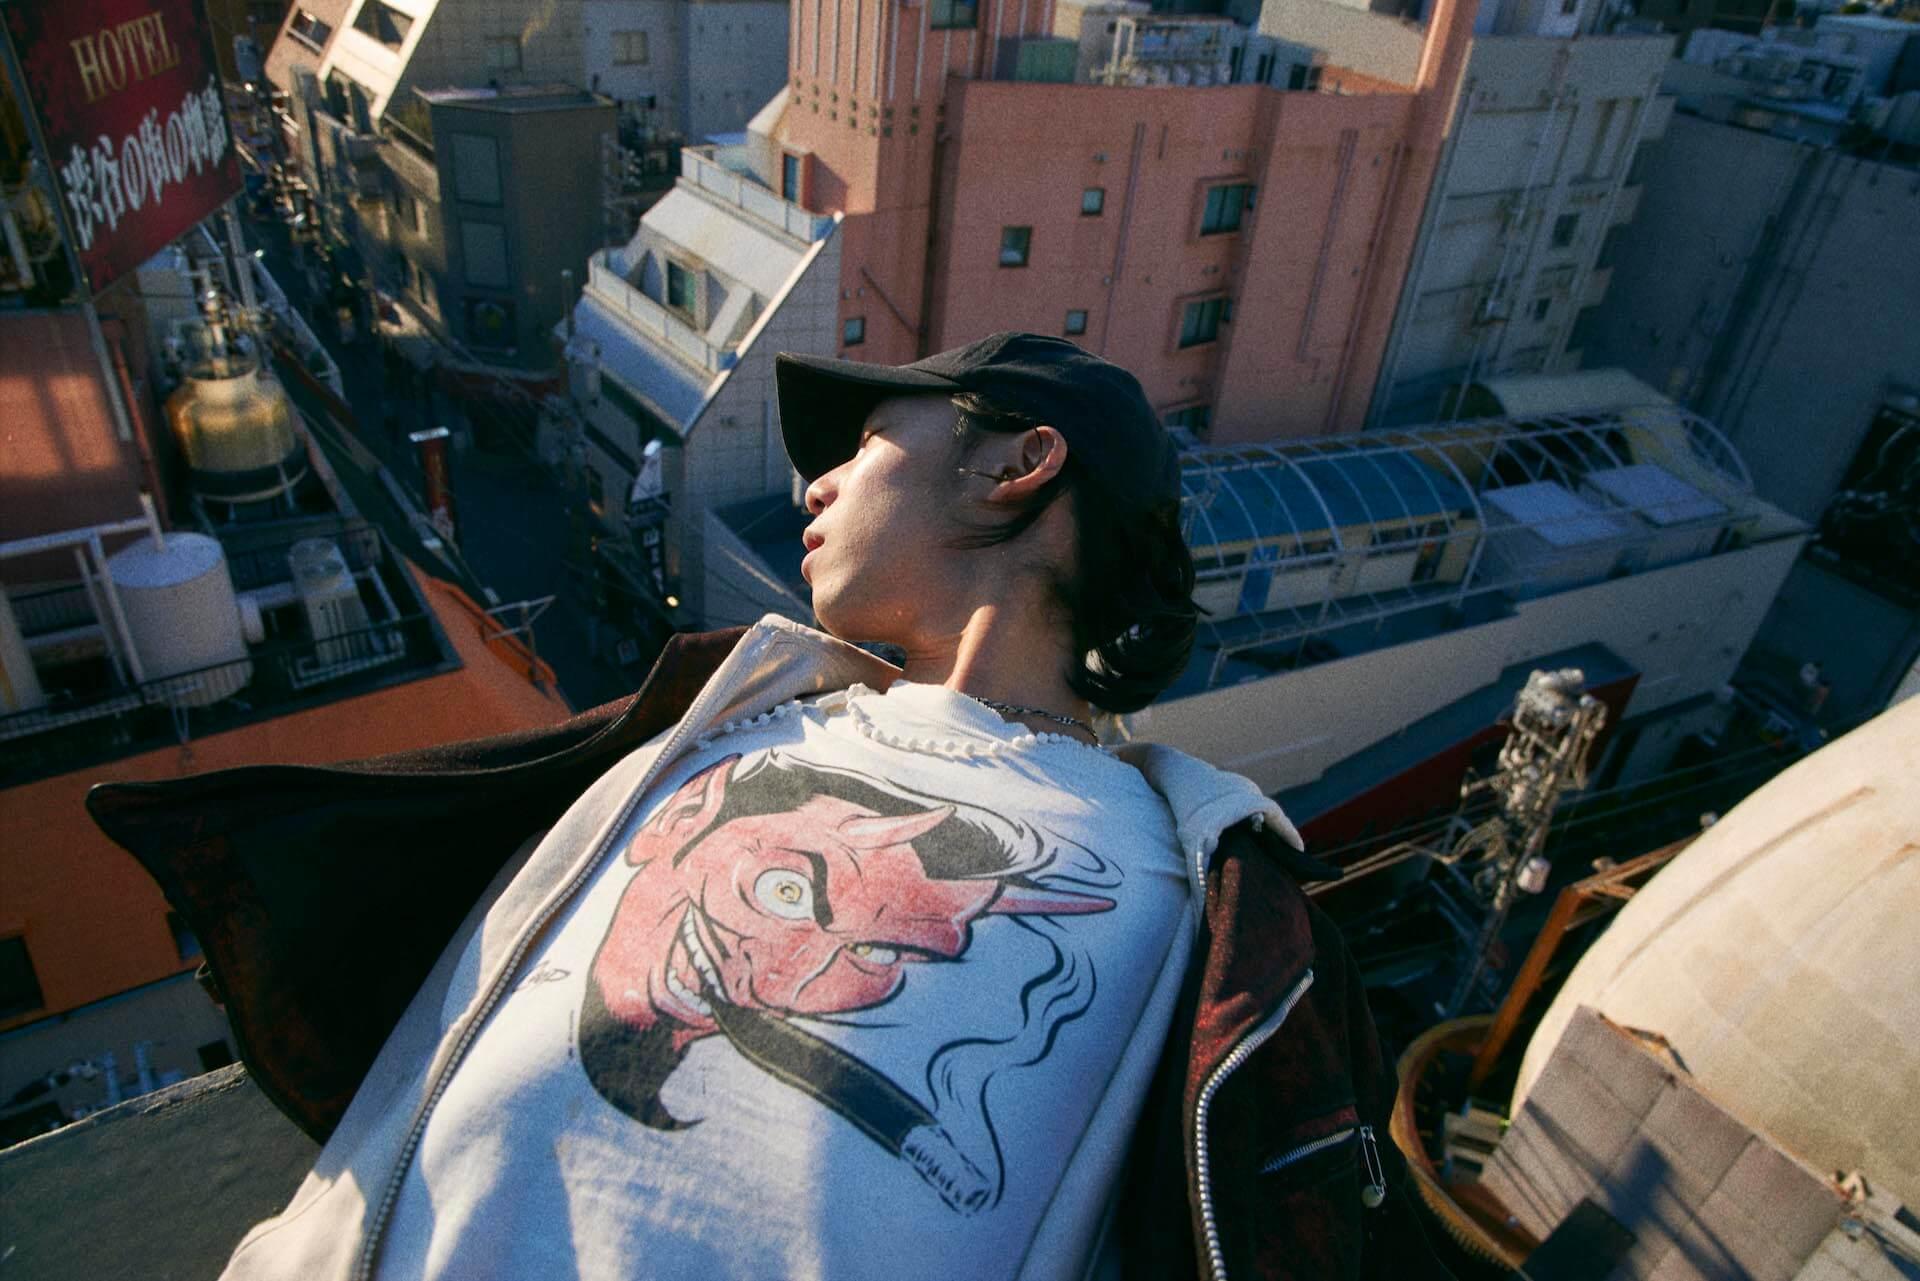 PALLADIUM×HAPPY|ファッションと音楽の関係性を探る都市探索 interview-happy-26